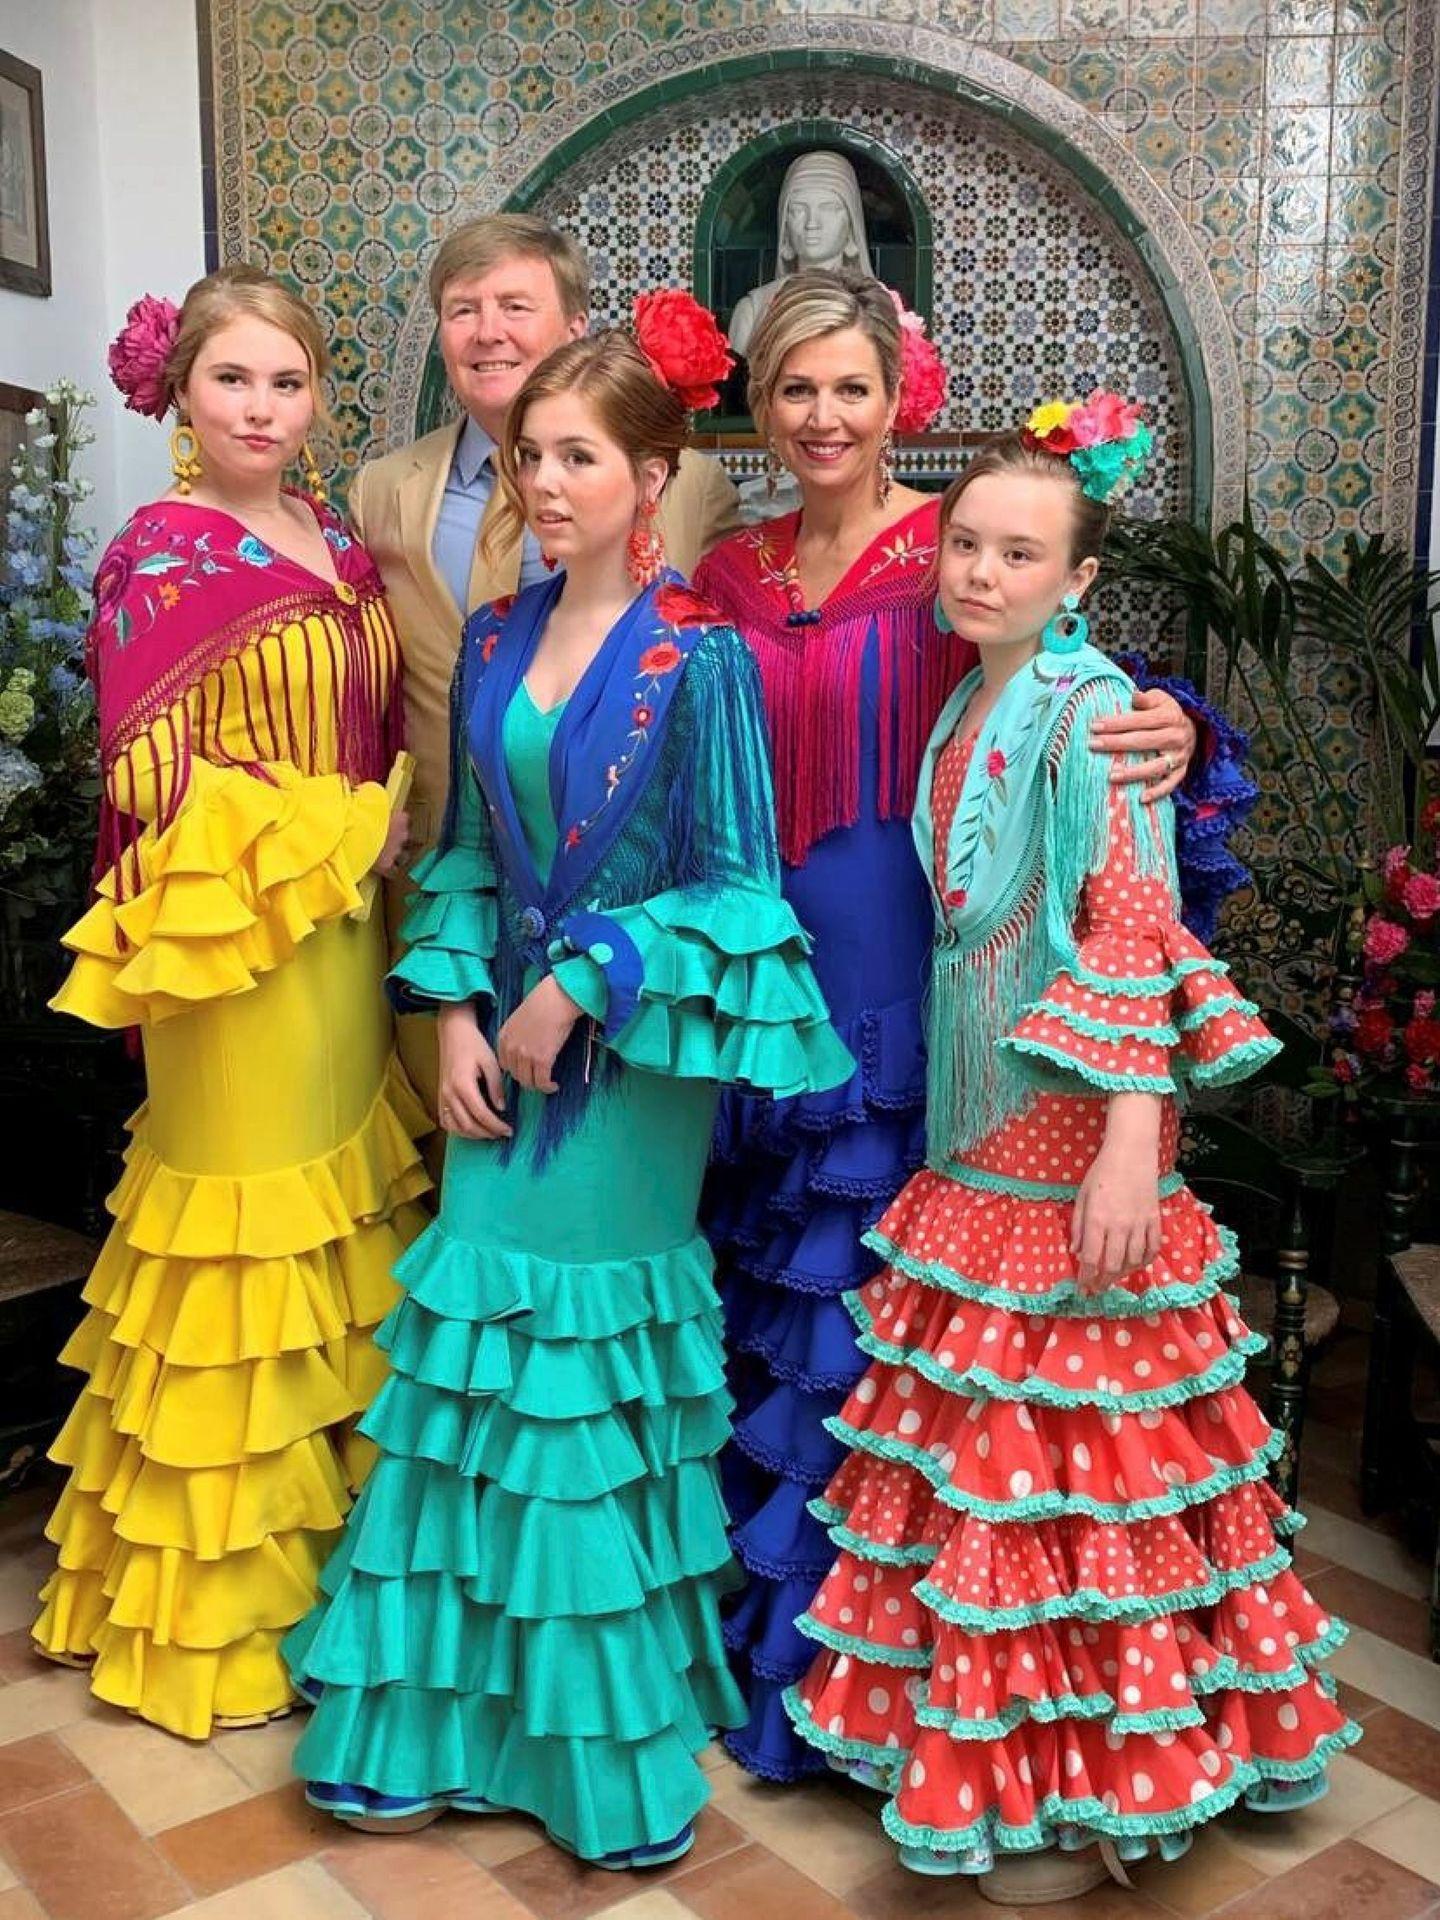 Fotografía elegida por la familia real holandesa para la felicitación de Navidad. (EFE)